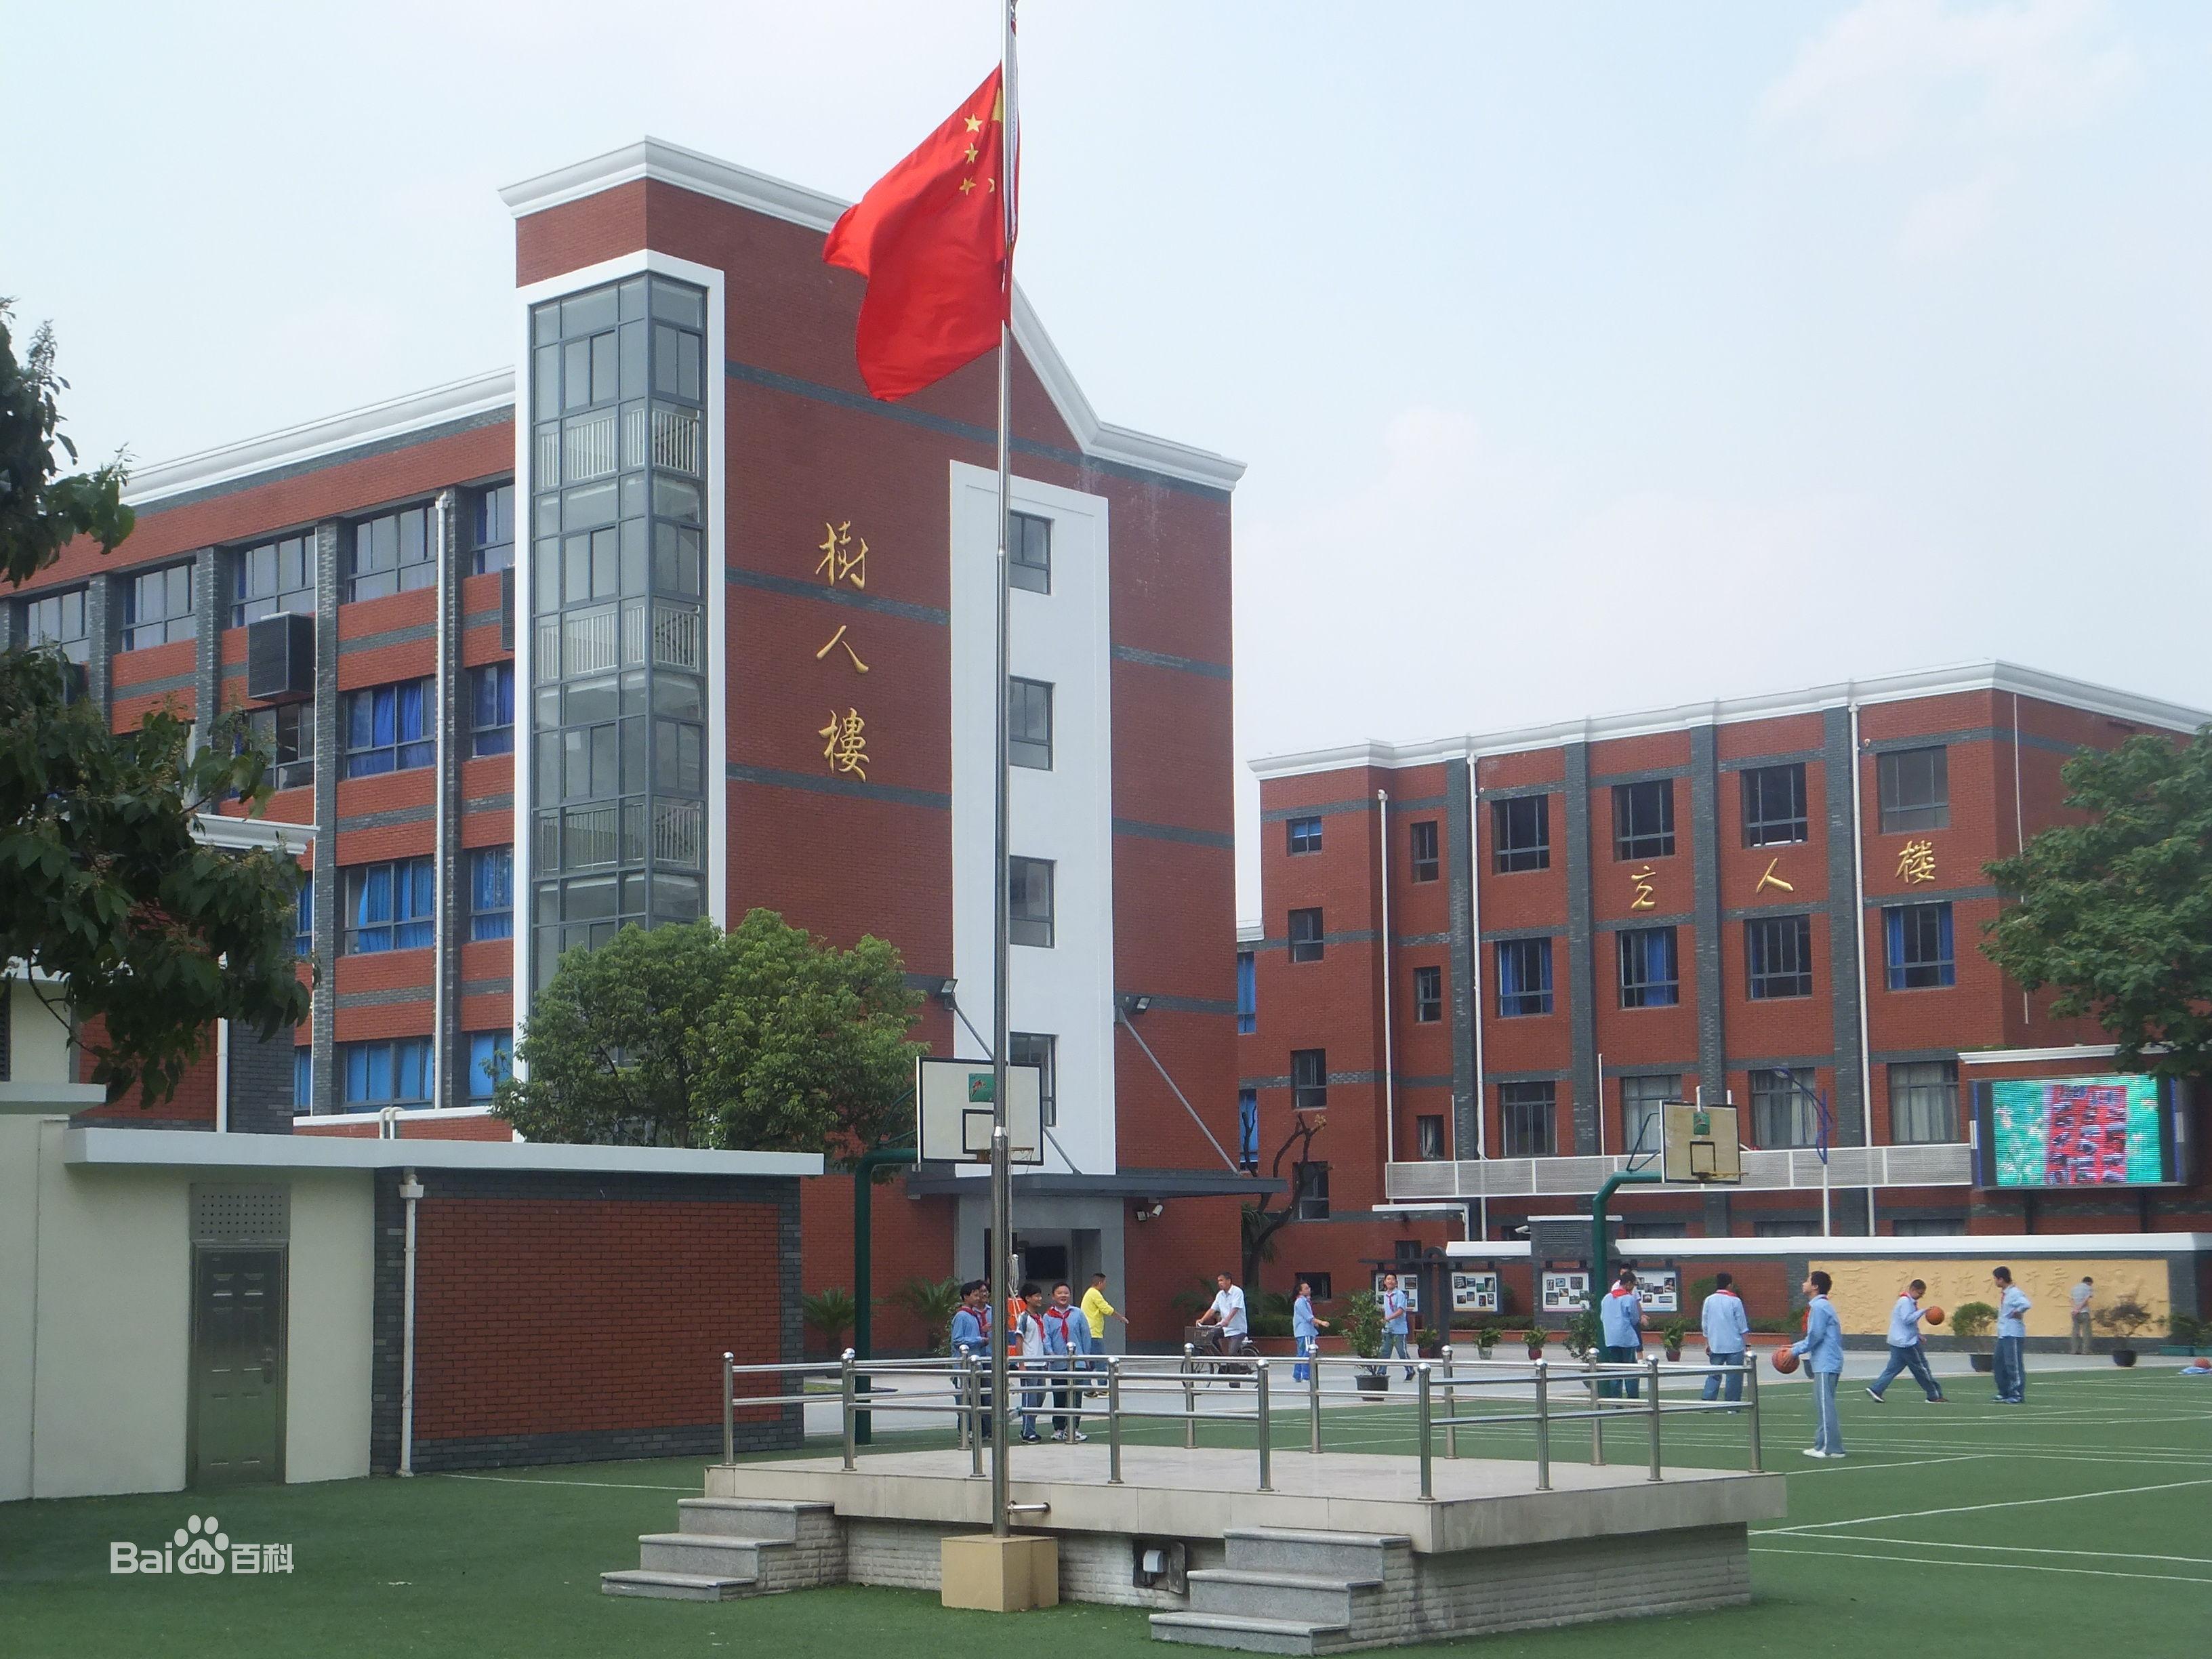 上海市鲁迅中学